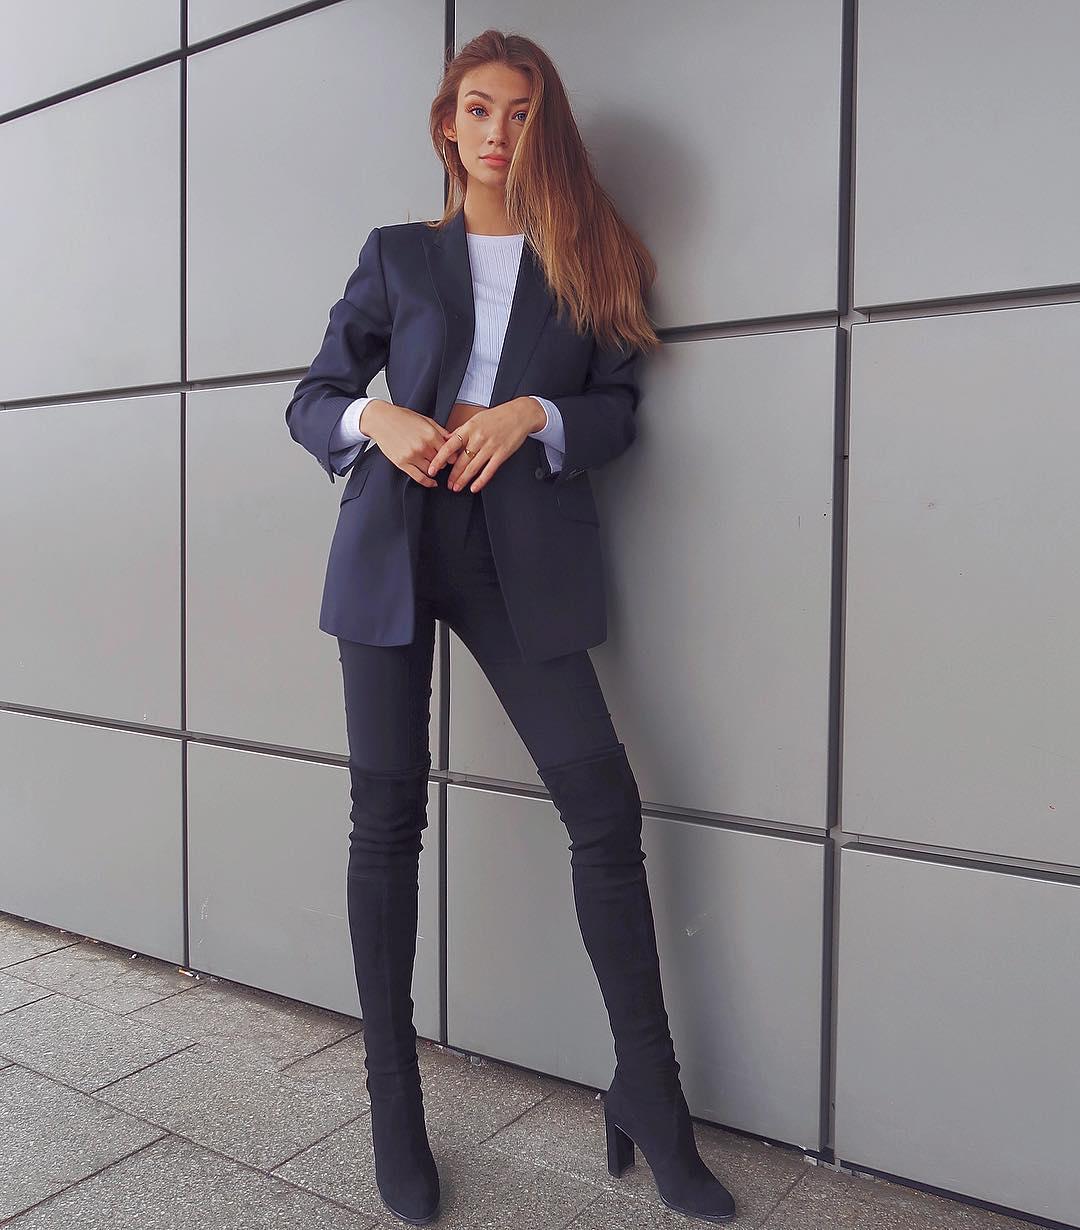 Lorena-Rae-Wallpapers-Insta-FIt-BIo-3